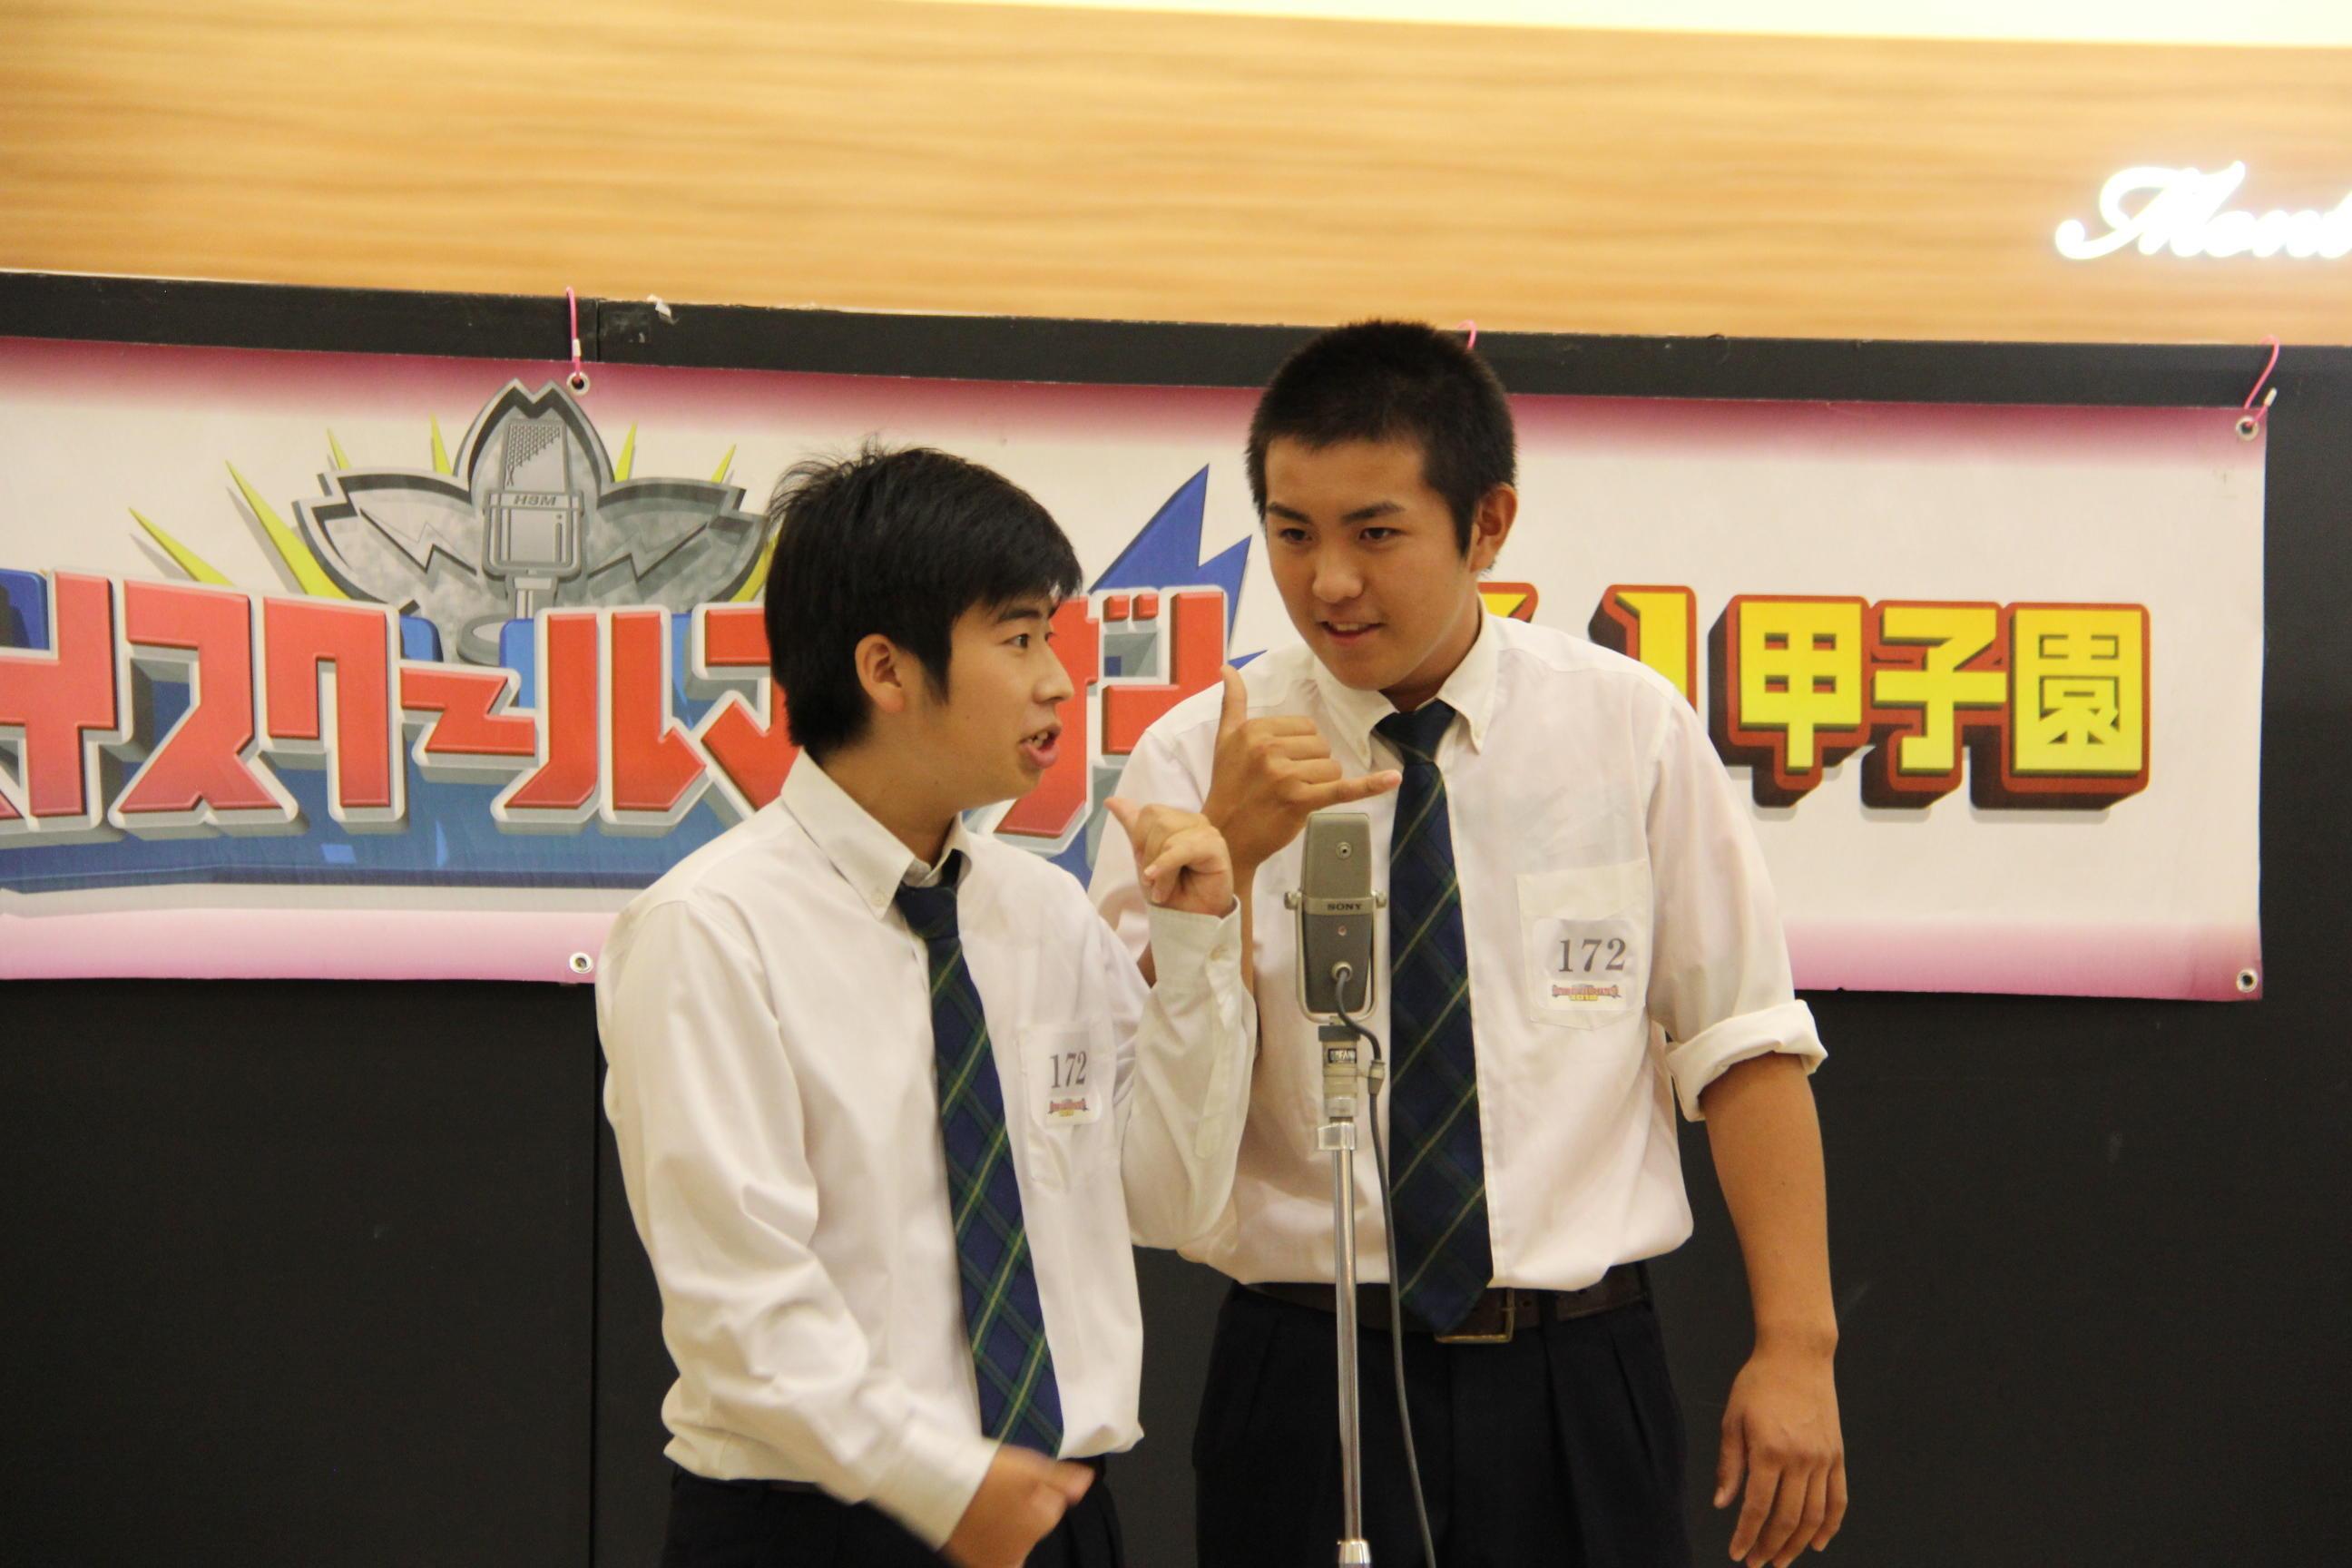 http://news.yoshimoto.co.jp/20180813130356-1b30b786cf942418c62b82f61926b42e59e3b2c6.jpg